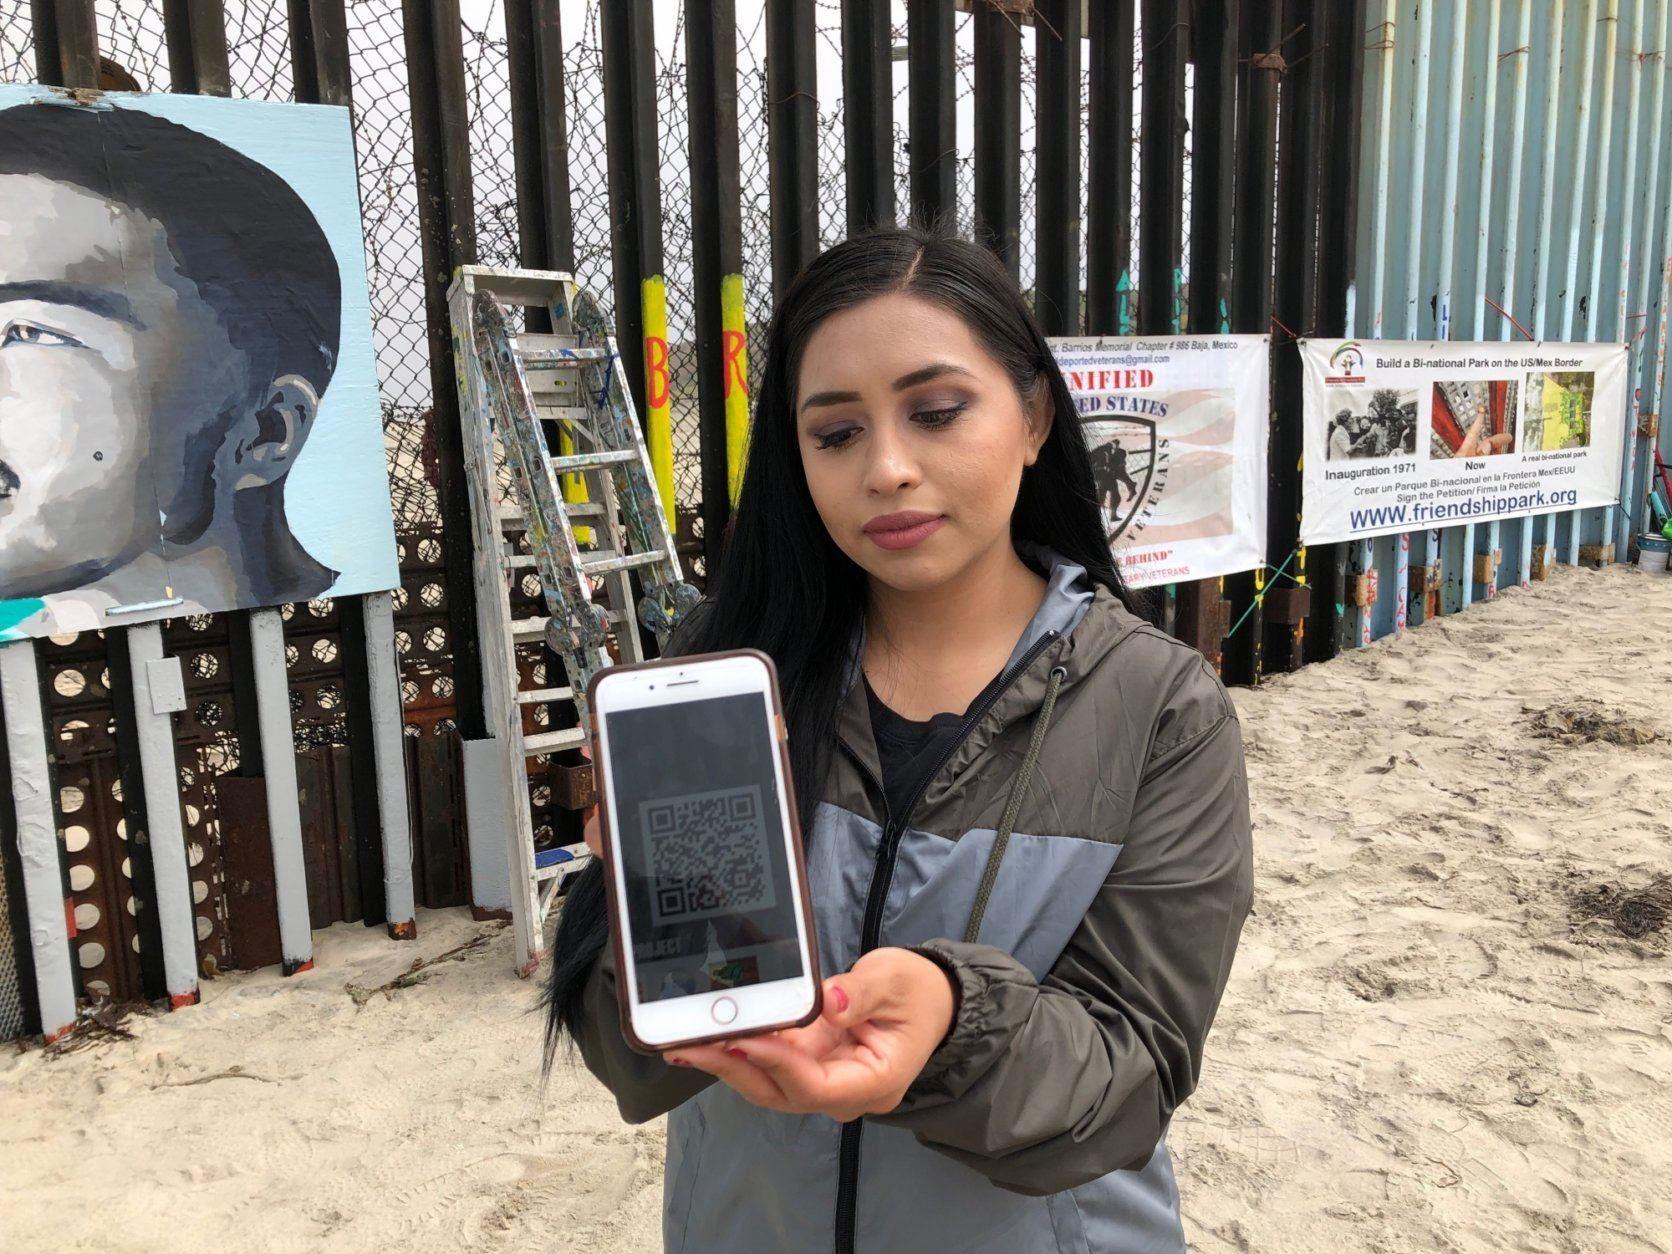 Lizbeth De La Cruz Santana